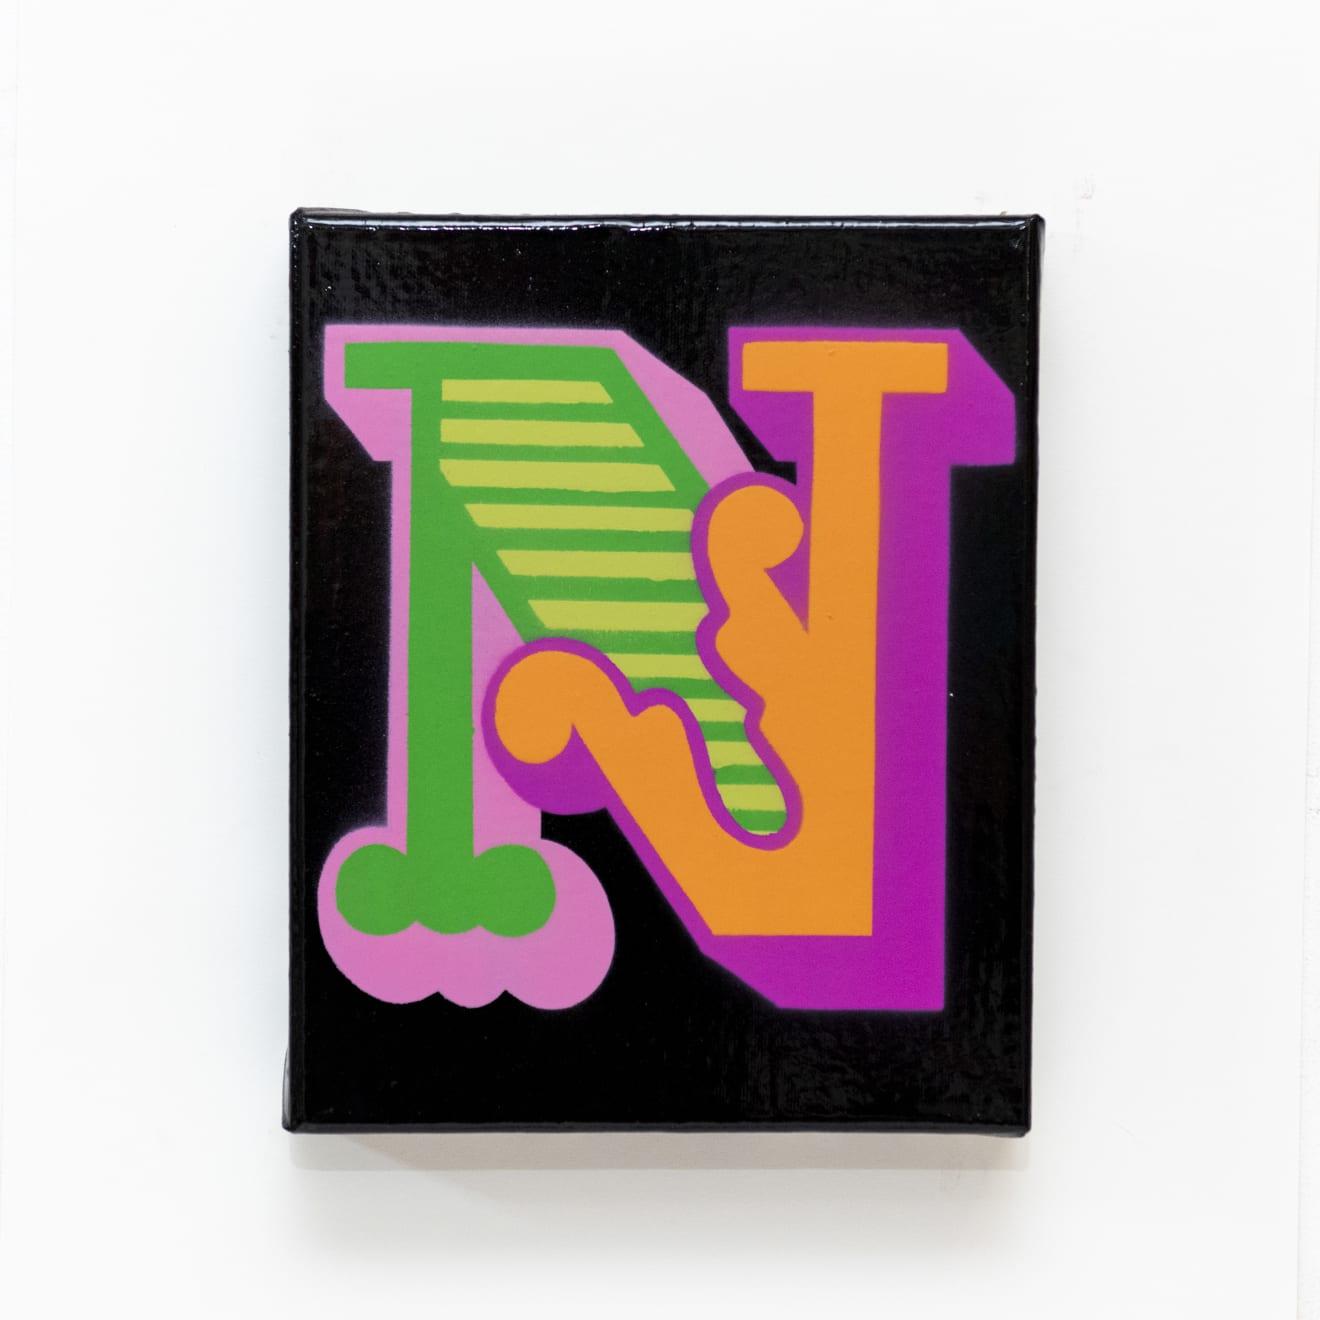 Ben Eine, 'N' NewCircus Font, 2019